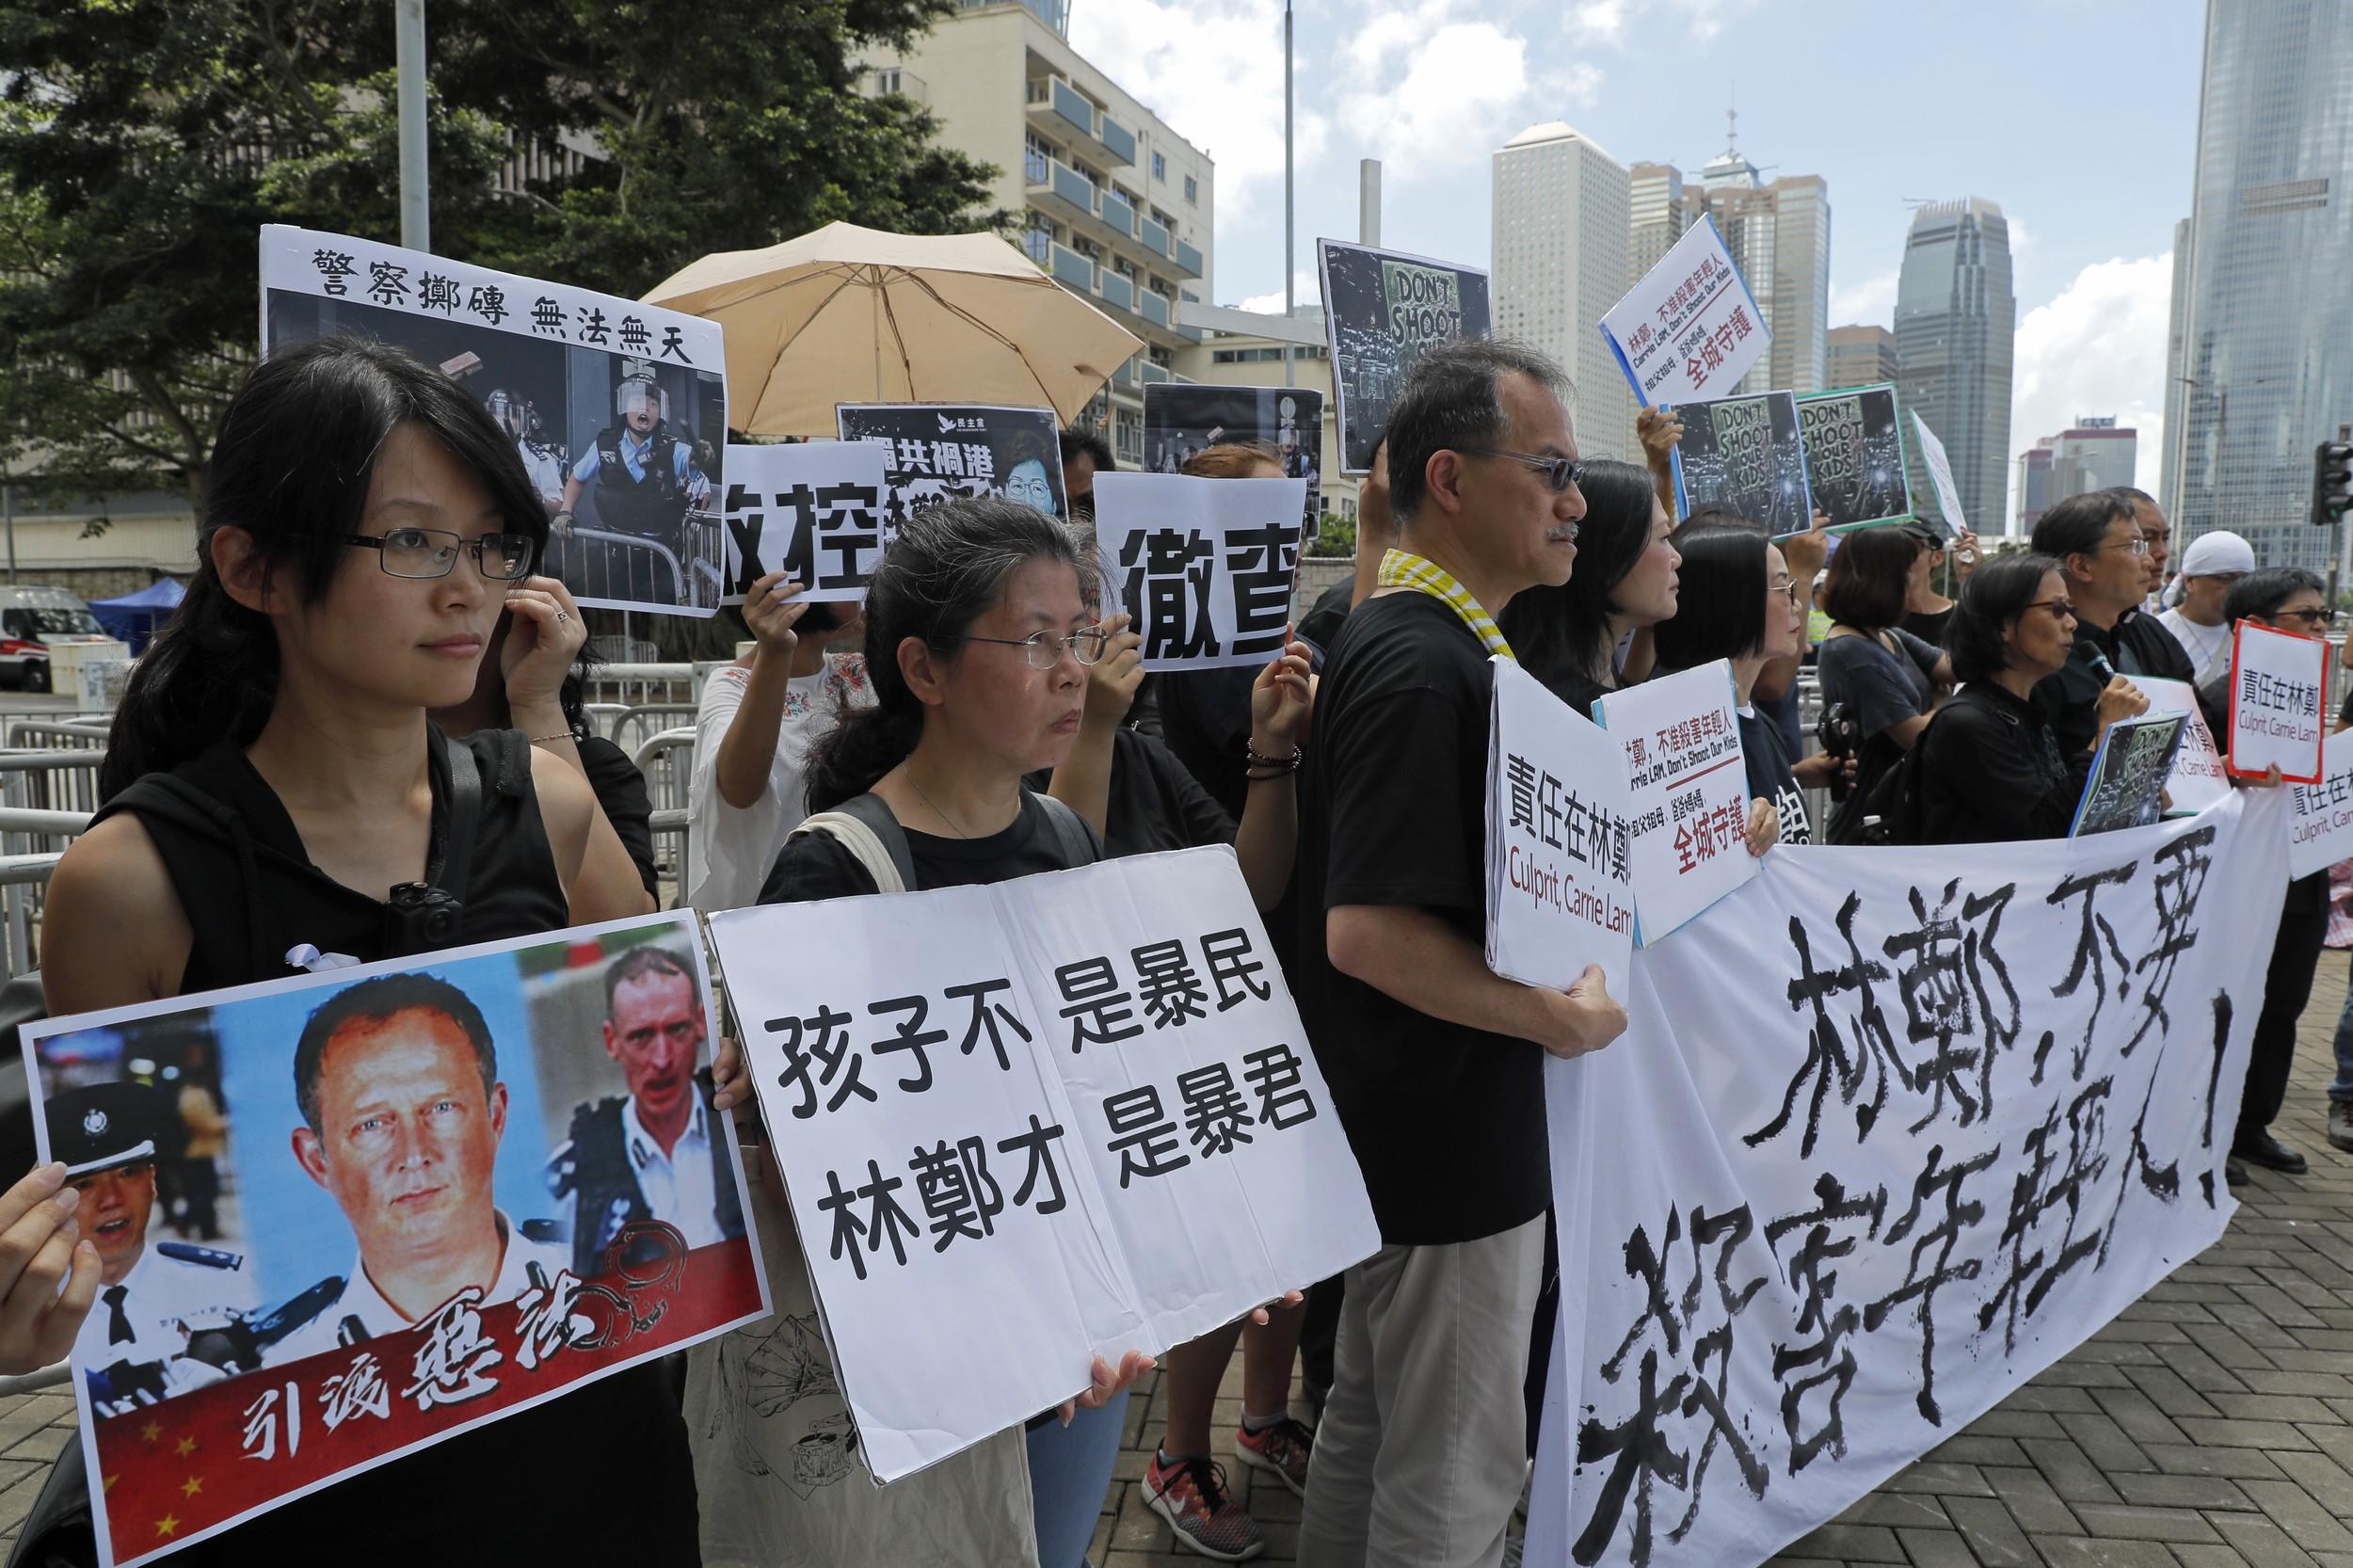 """2019年6月20日,香港示威学生的父母们和宗教的各种活动团体在在警察总部外抗议,示威者举着""""林郑不要杀害年轻人!""""等标语。(美联社)"""